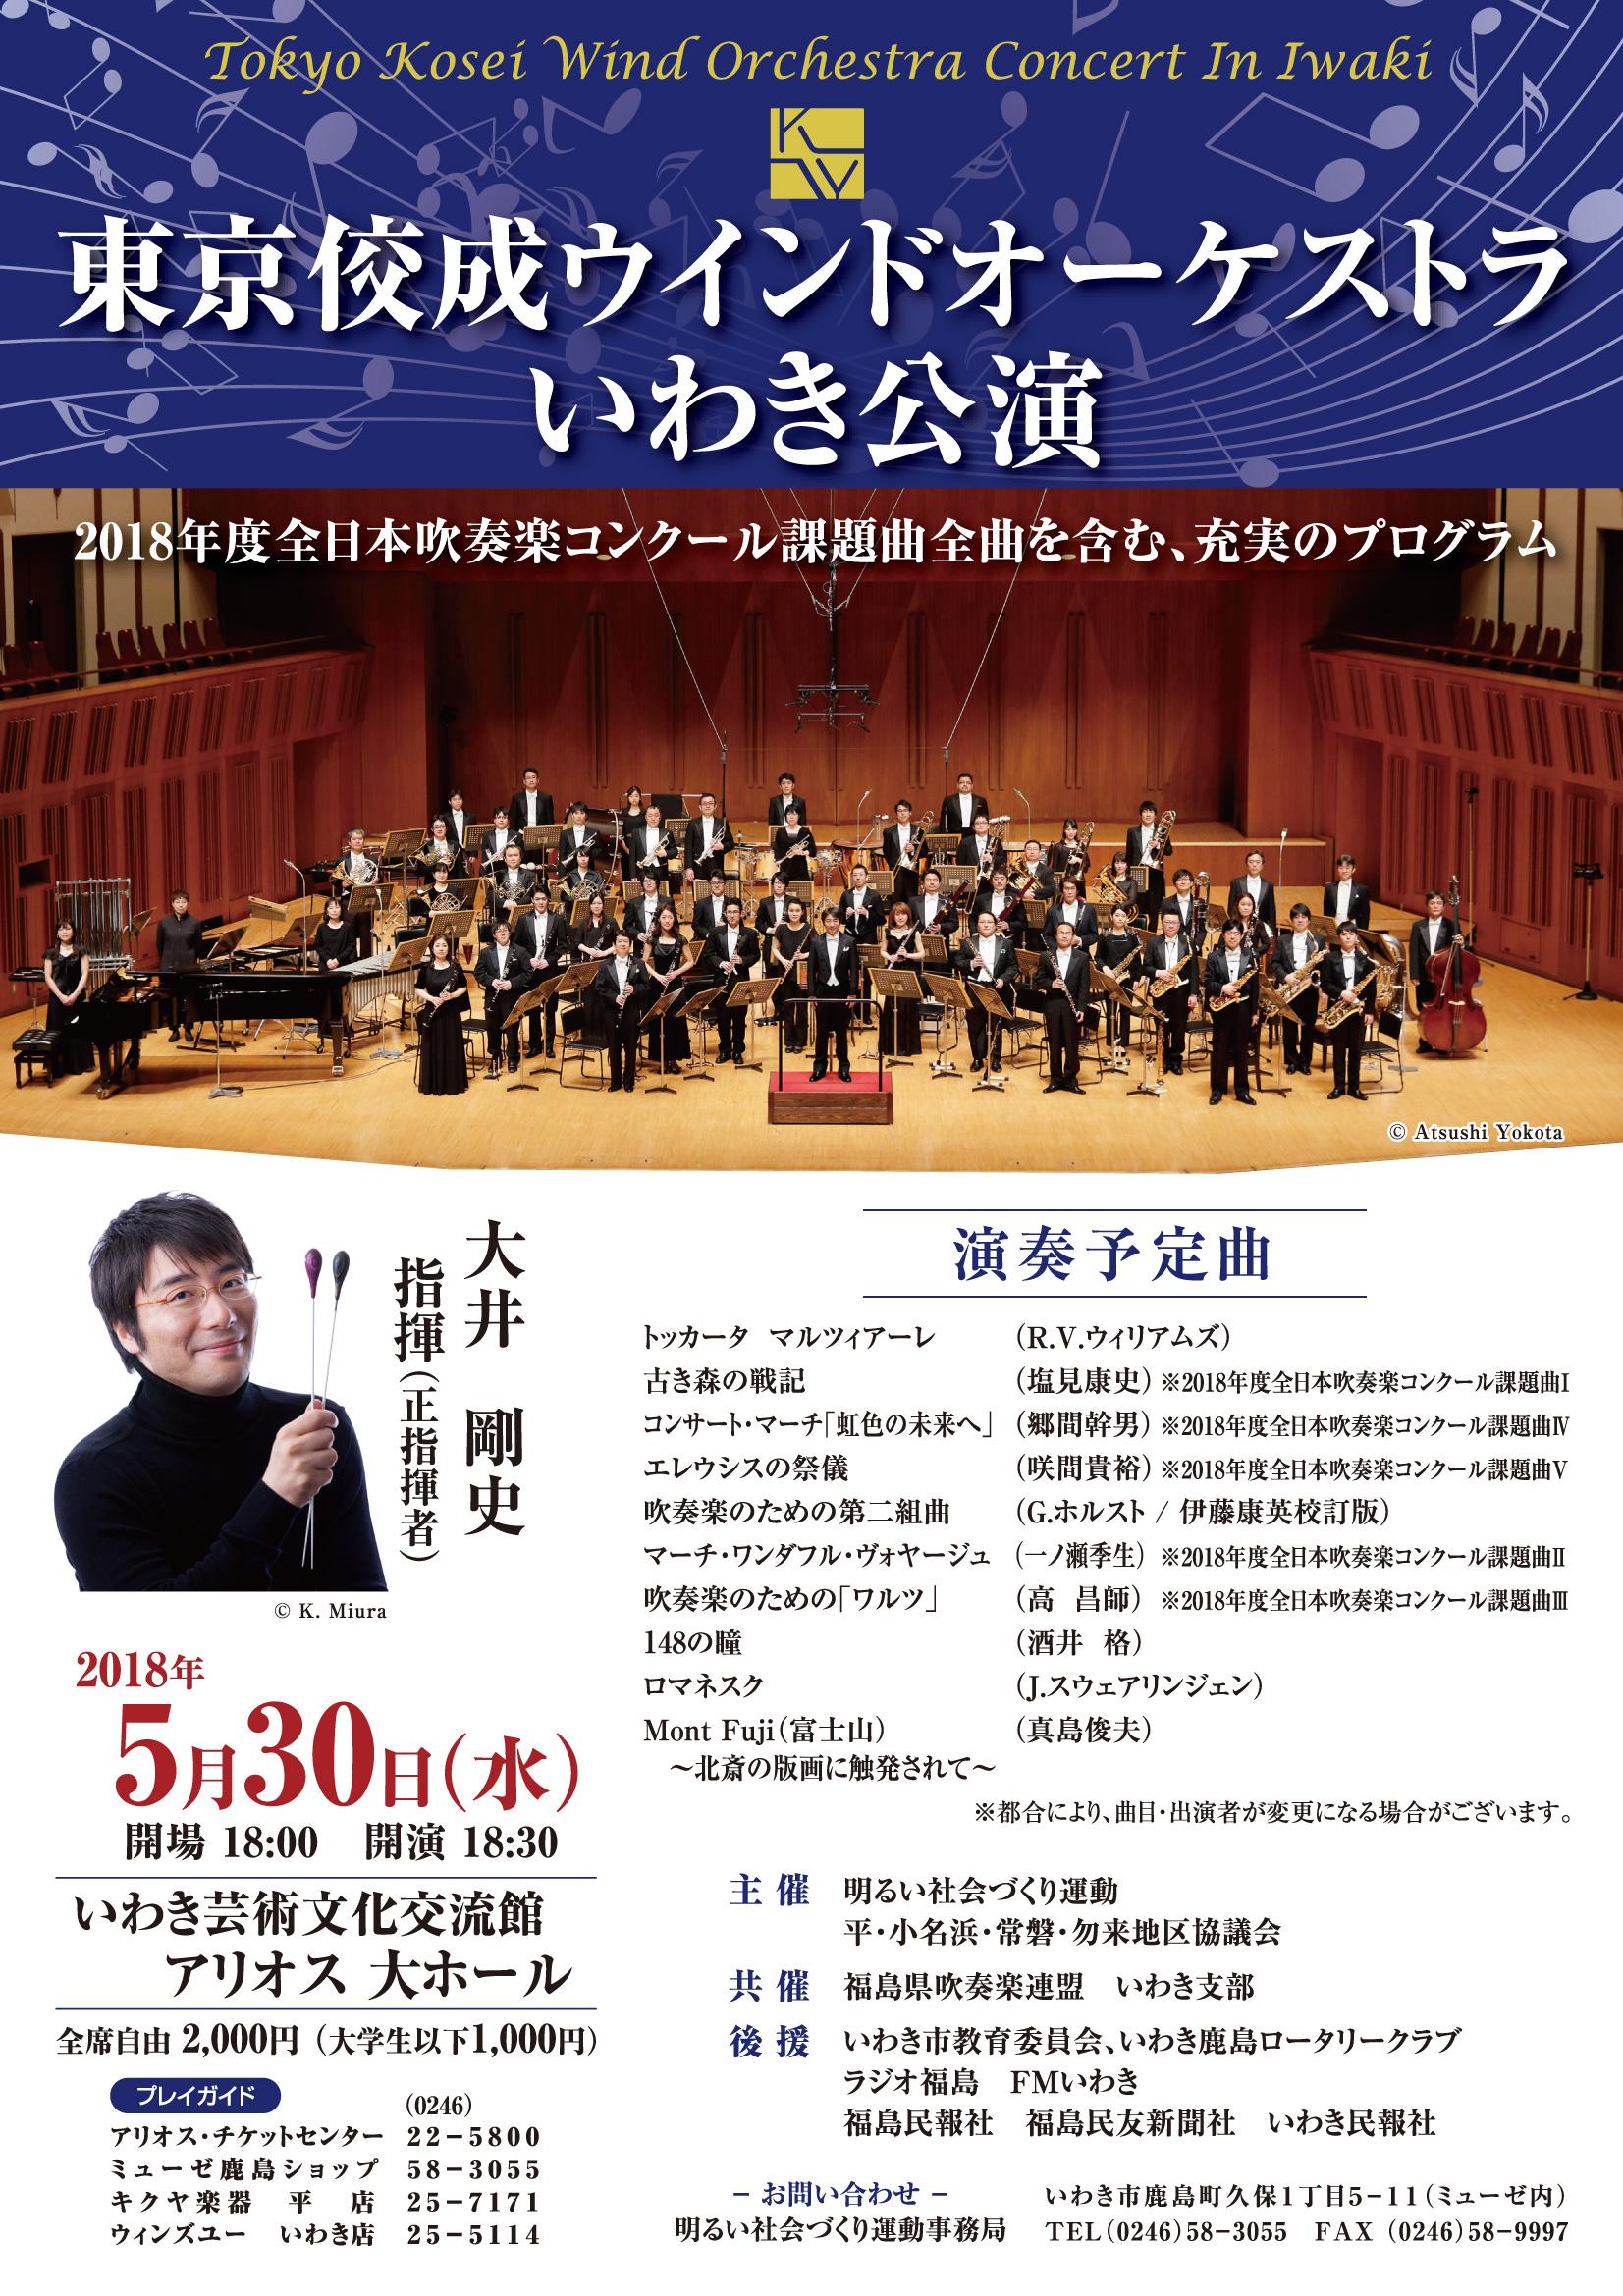 東京佼成ウインドオーケストラ いわき公演